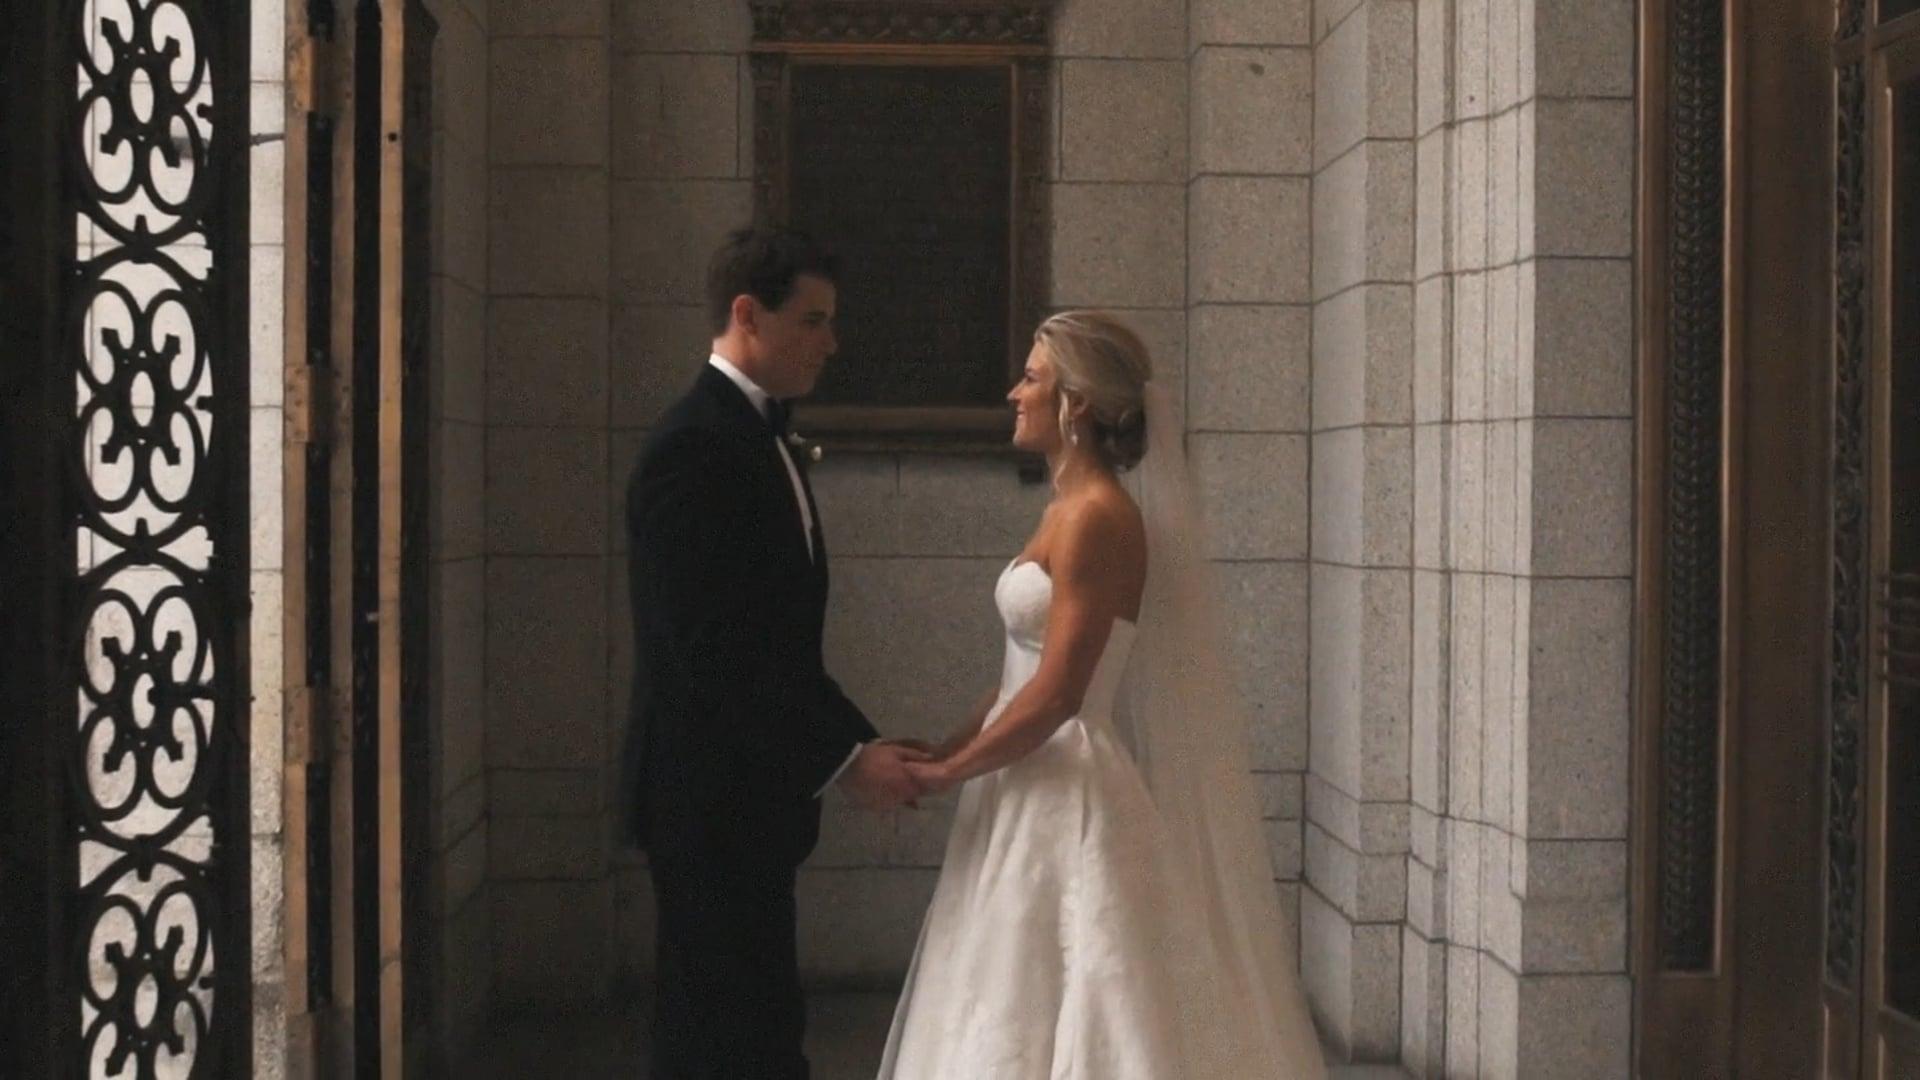 Alison + Zach // Storybook Wedding Film